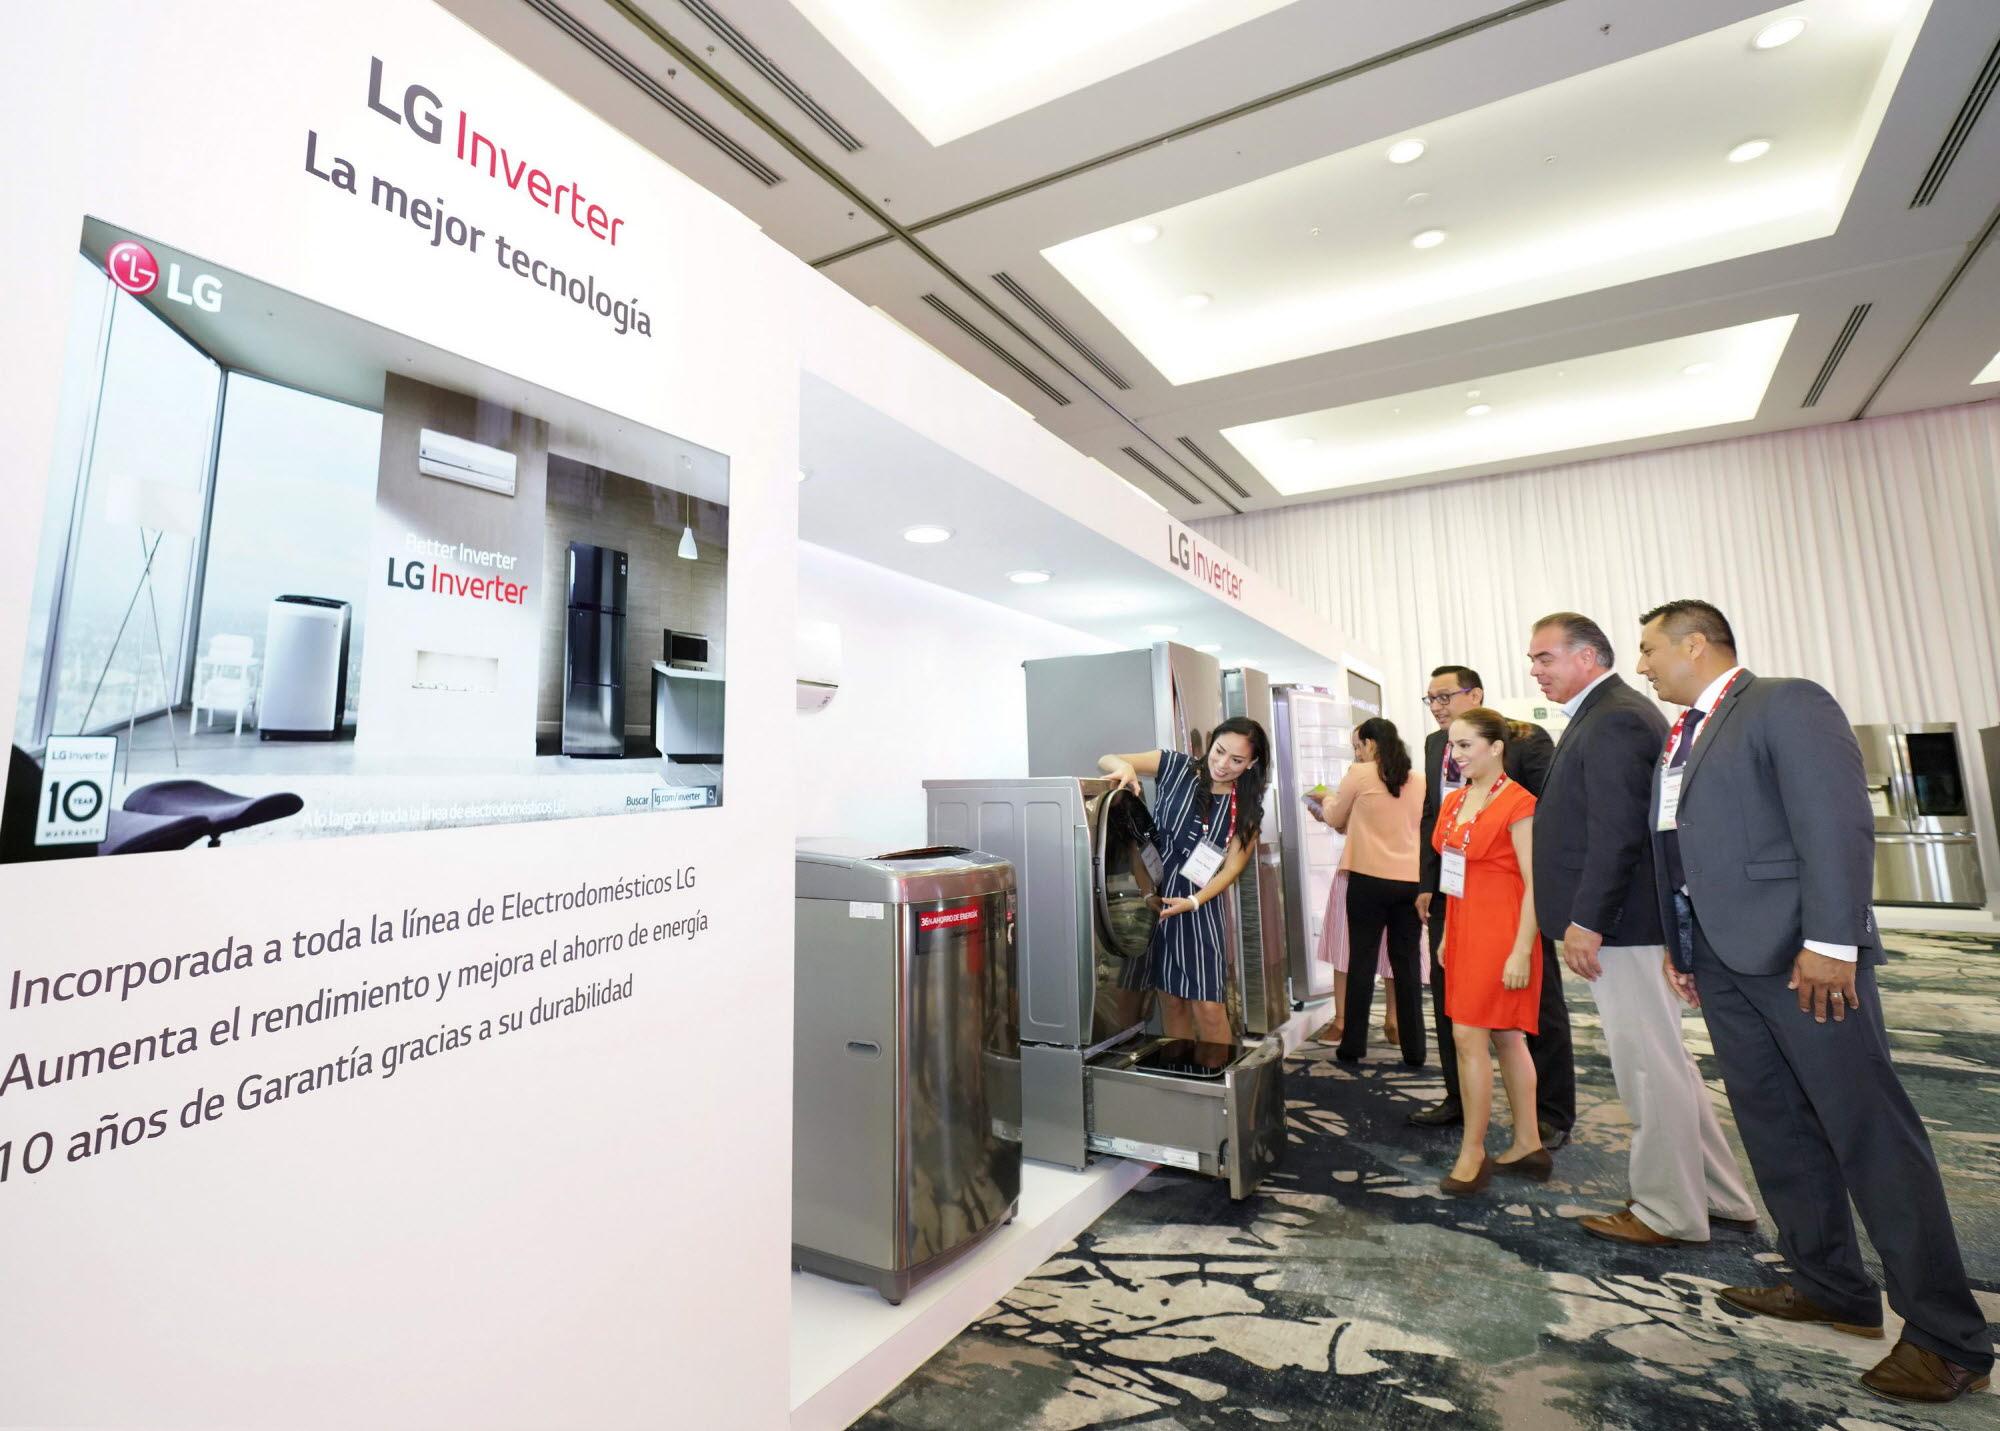 인공지능 'LG 씽큐' 중남미 거래선 사로잡았다03: LG전자가 17일부터 20일까지 멕시코 칸쿤에서 'LG 이노페스트'를 열고 혁신 제품을 대거 선보였다. LG 이노페스트 참가자들이 고효율, 고성능, 저소음 등 뛰어난 장점을 지닌 '인버터 기술'을 적용한 제품을 살펴보고 있다.